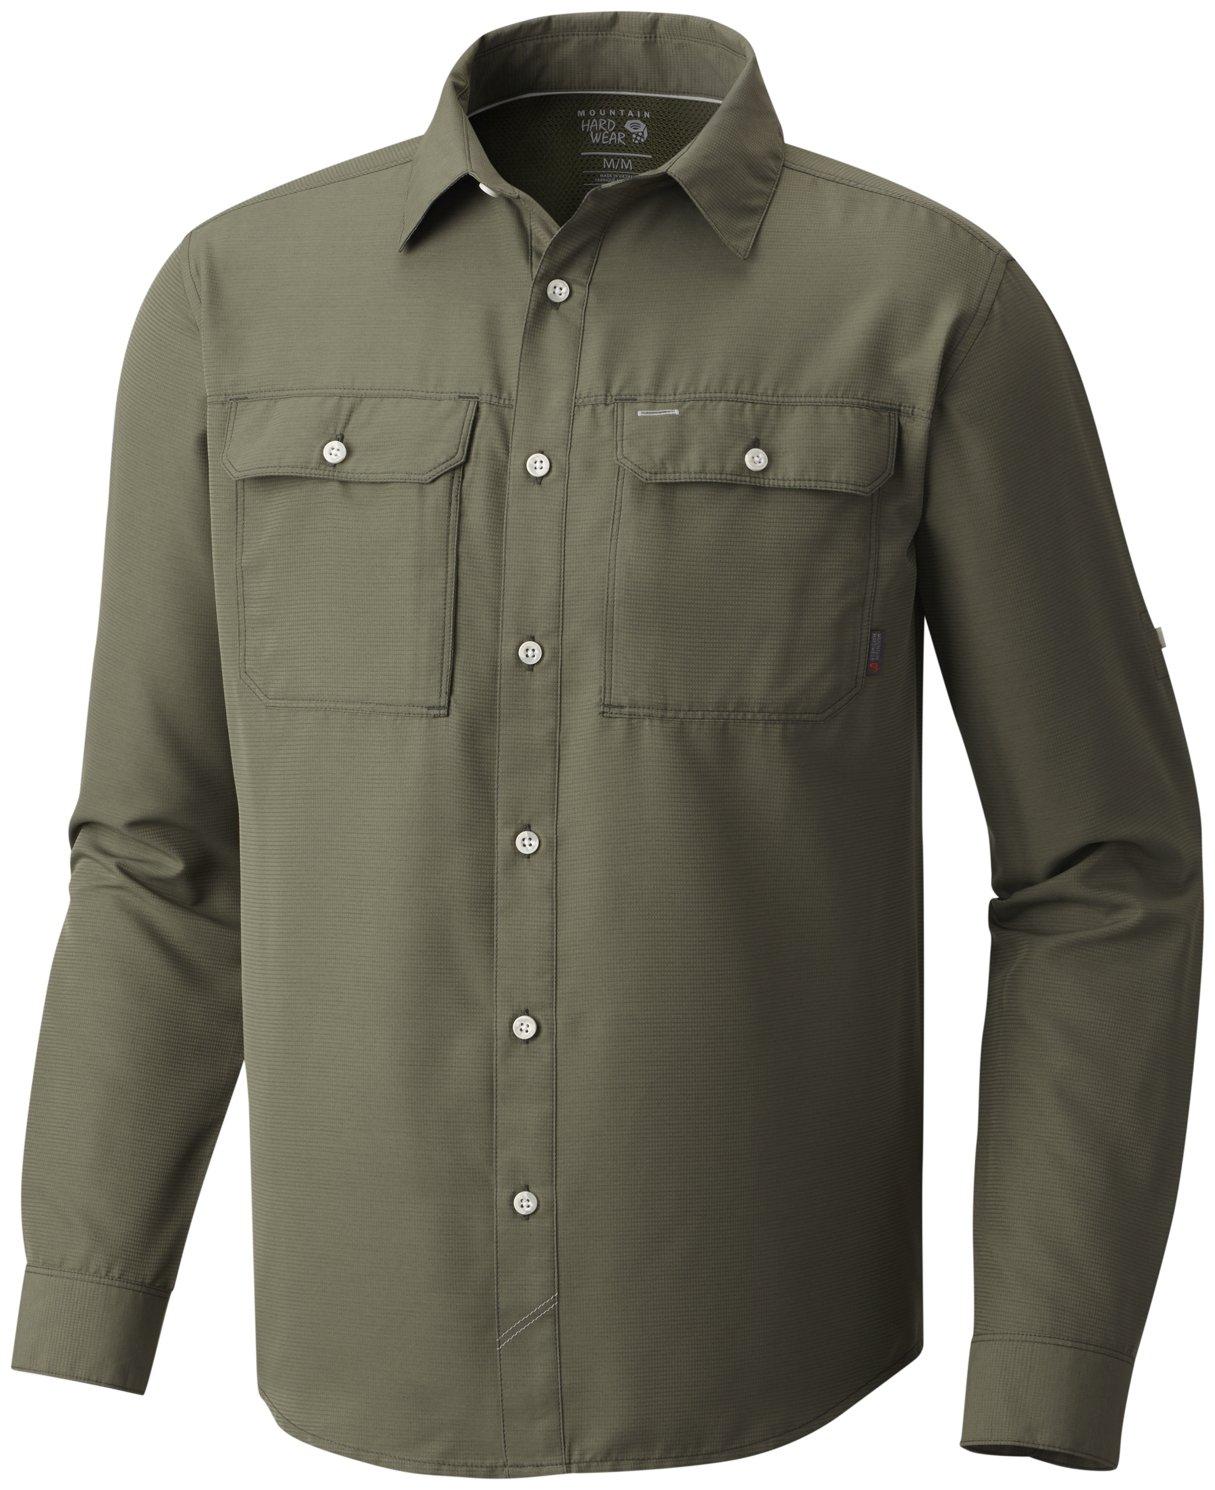 Mountain Hardwear Canyon Long Sleeve Shirt - Men's Surplus Green Large